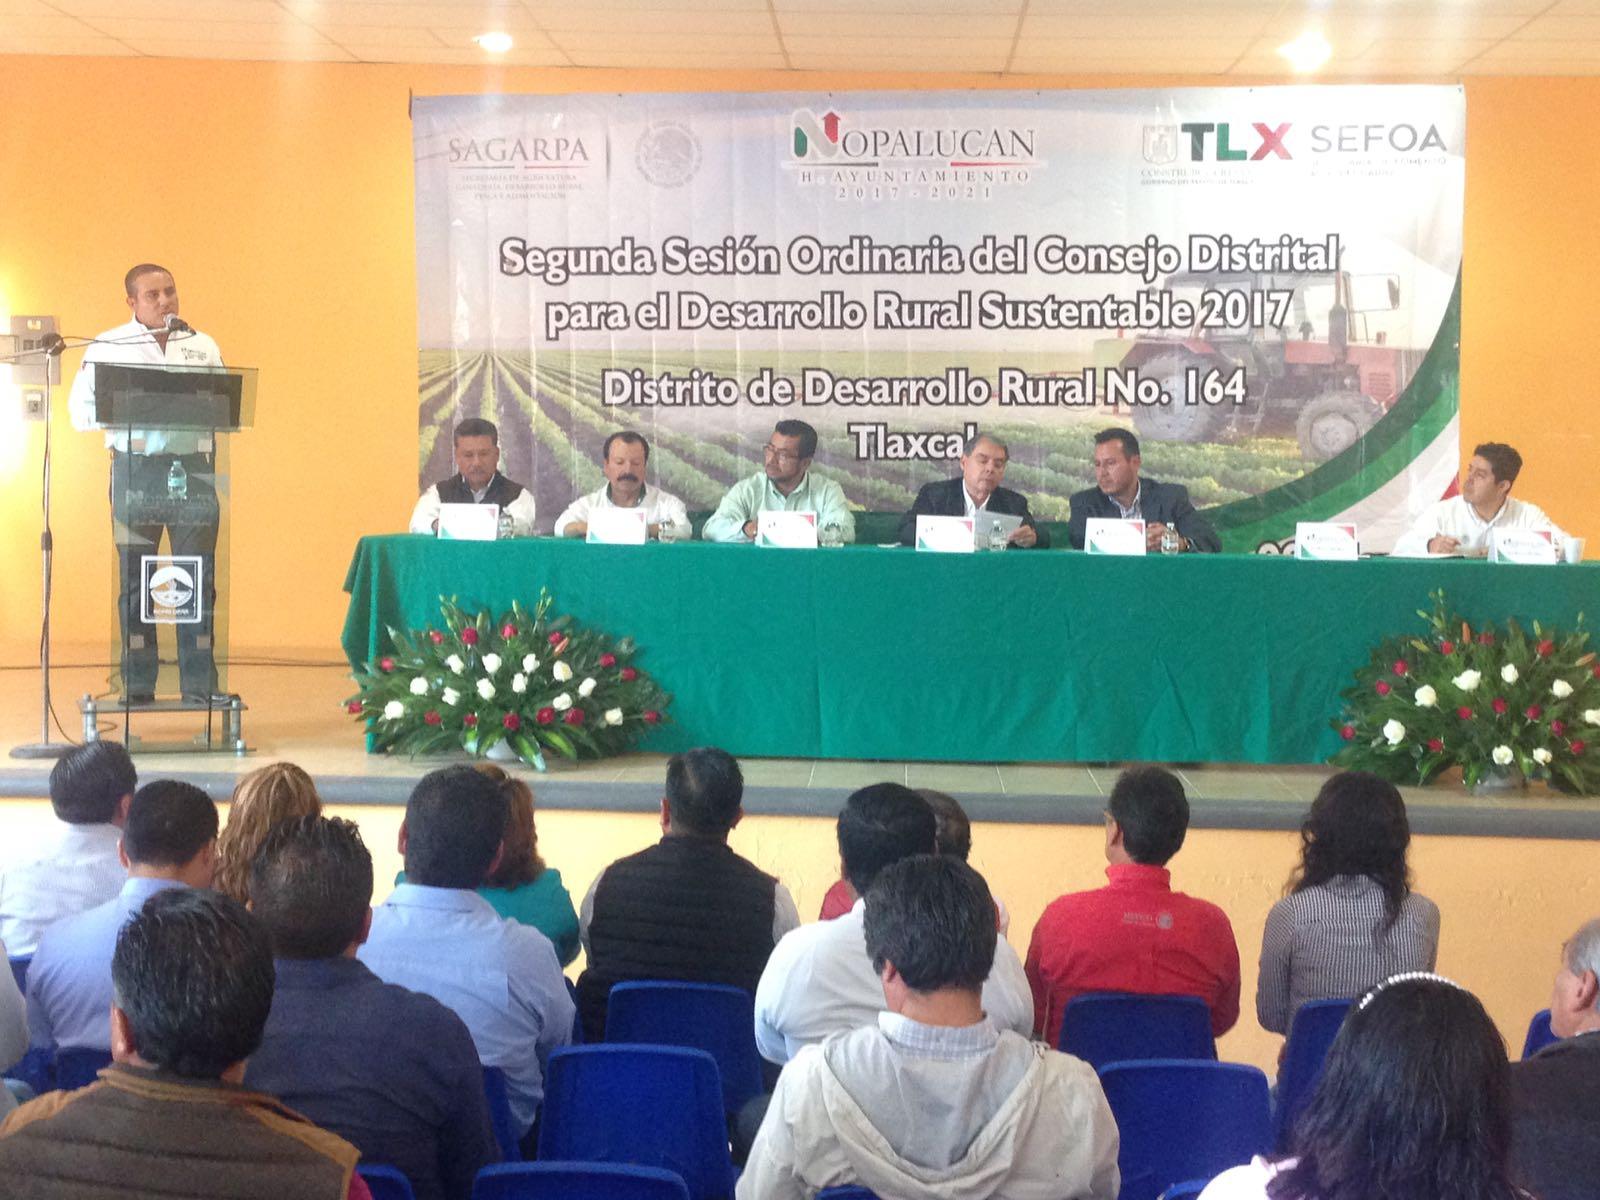 Nopalucan sede de la 2da sesión para el Desarrollo Rural Sustentable